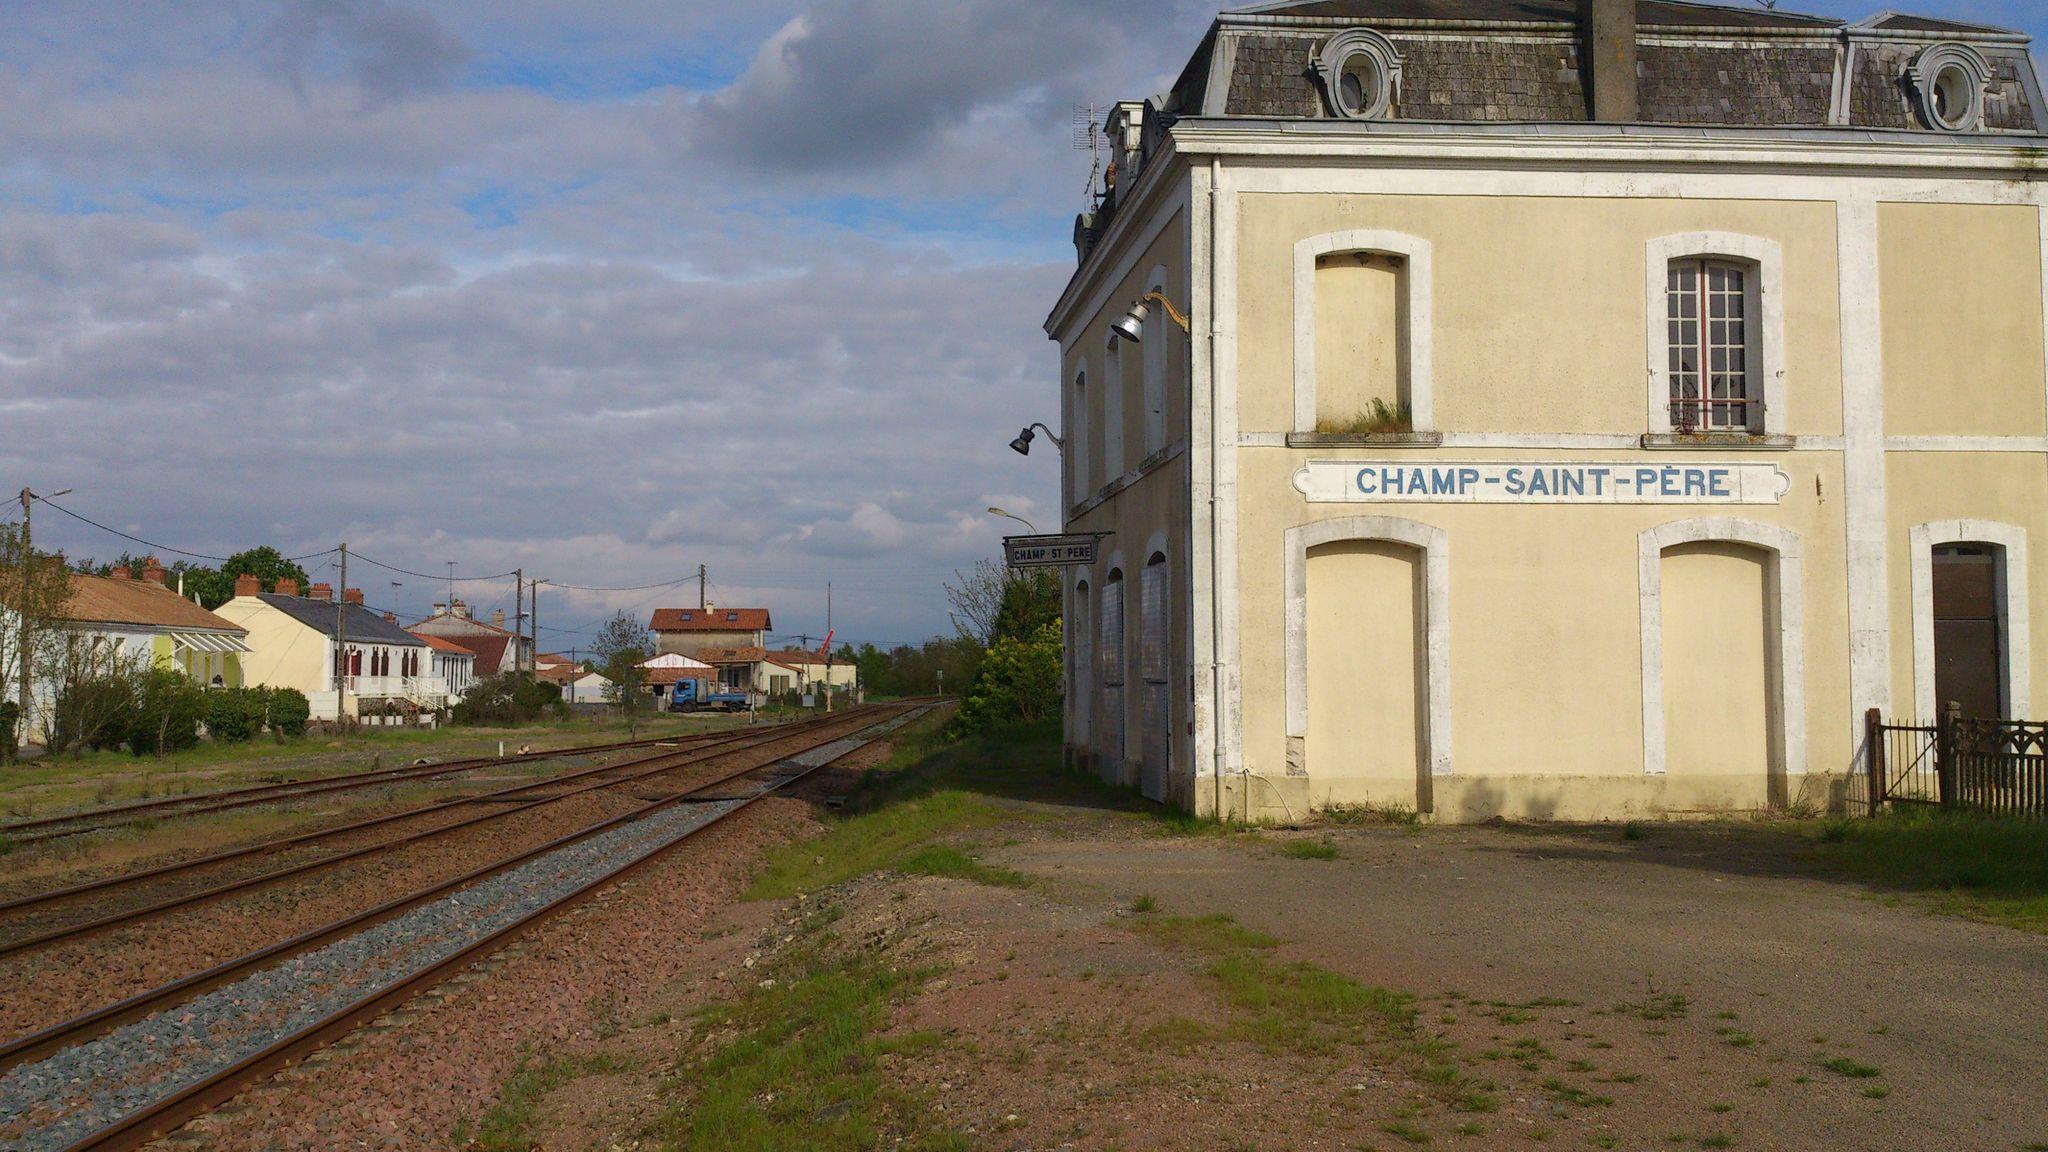 Champ-Saint-Père (Vendée)